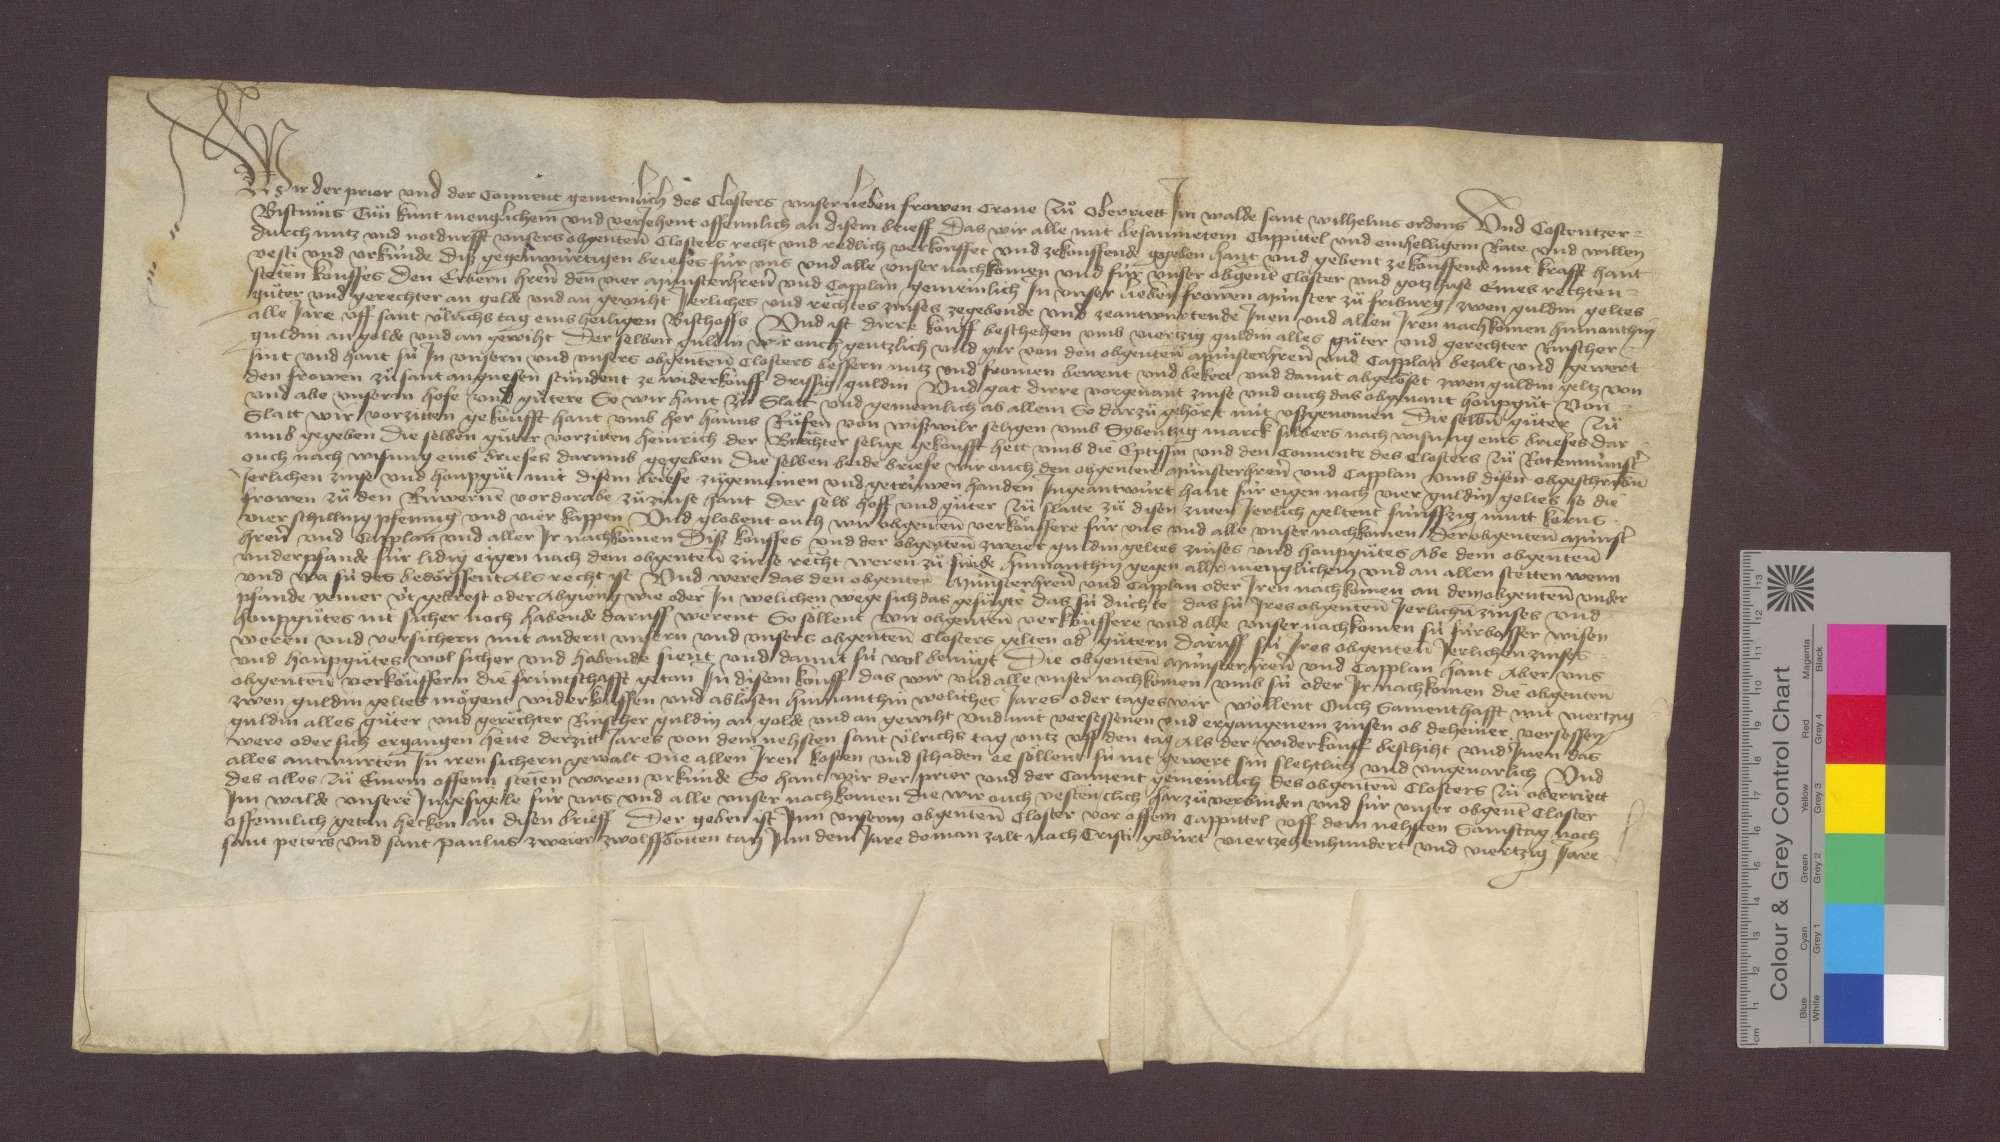 Kloster Oberried im Wald verkauft den vier Münsterherren und Kapellanen zu Freiburg einen jährlichen Zins von 2 Gulden von genannten Gütern zu Schlatt um 40 Gulden., Bild 1